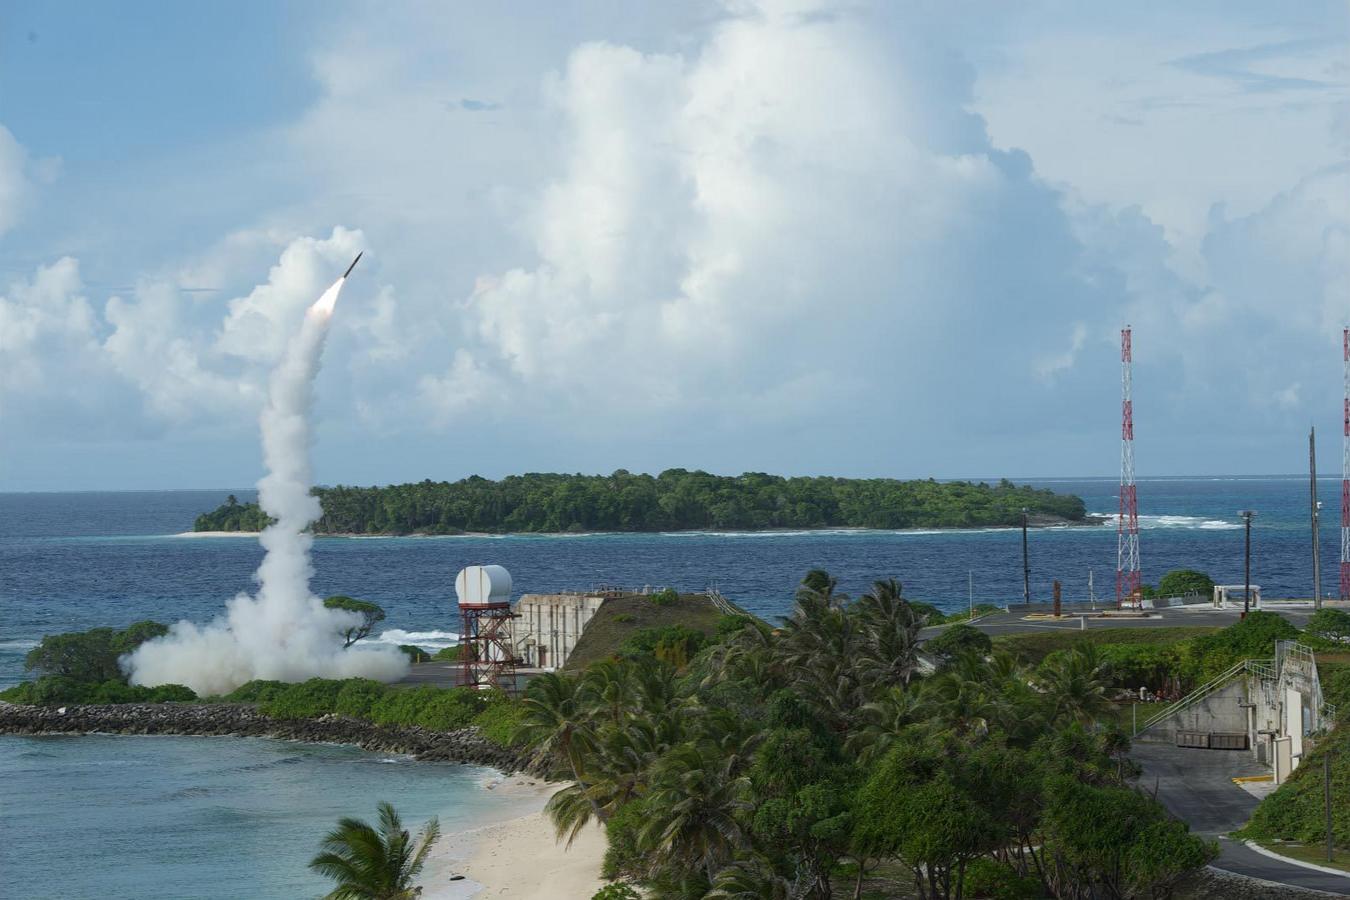 Американские пуски баллистических ракет сильно щекочут нервы всем противникам – России, Китаю и другим